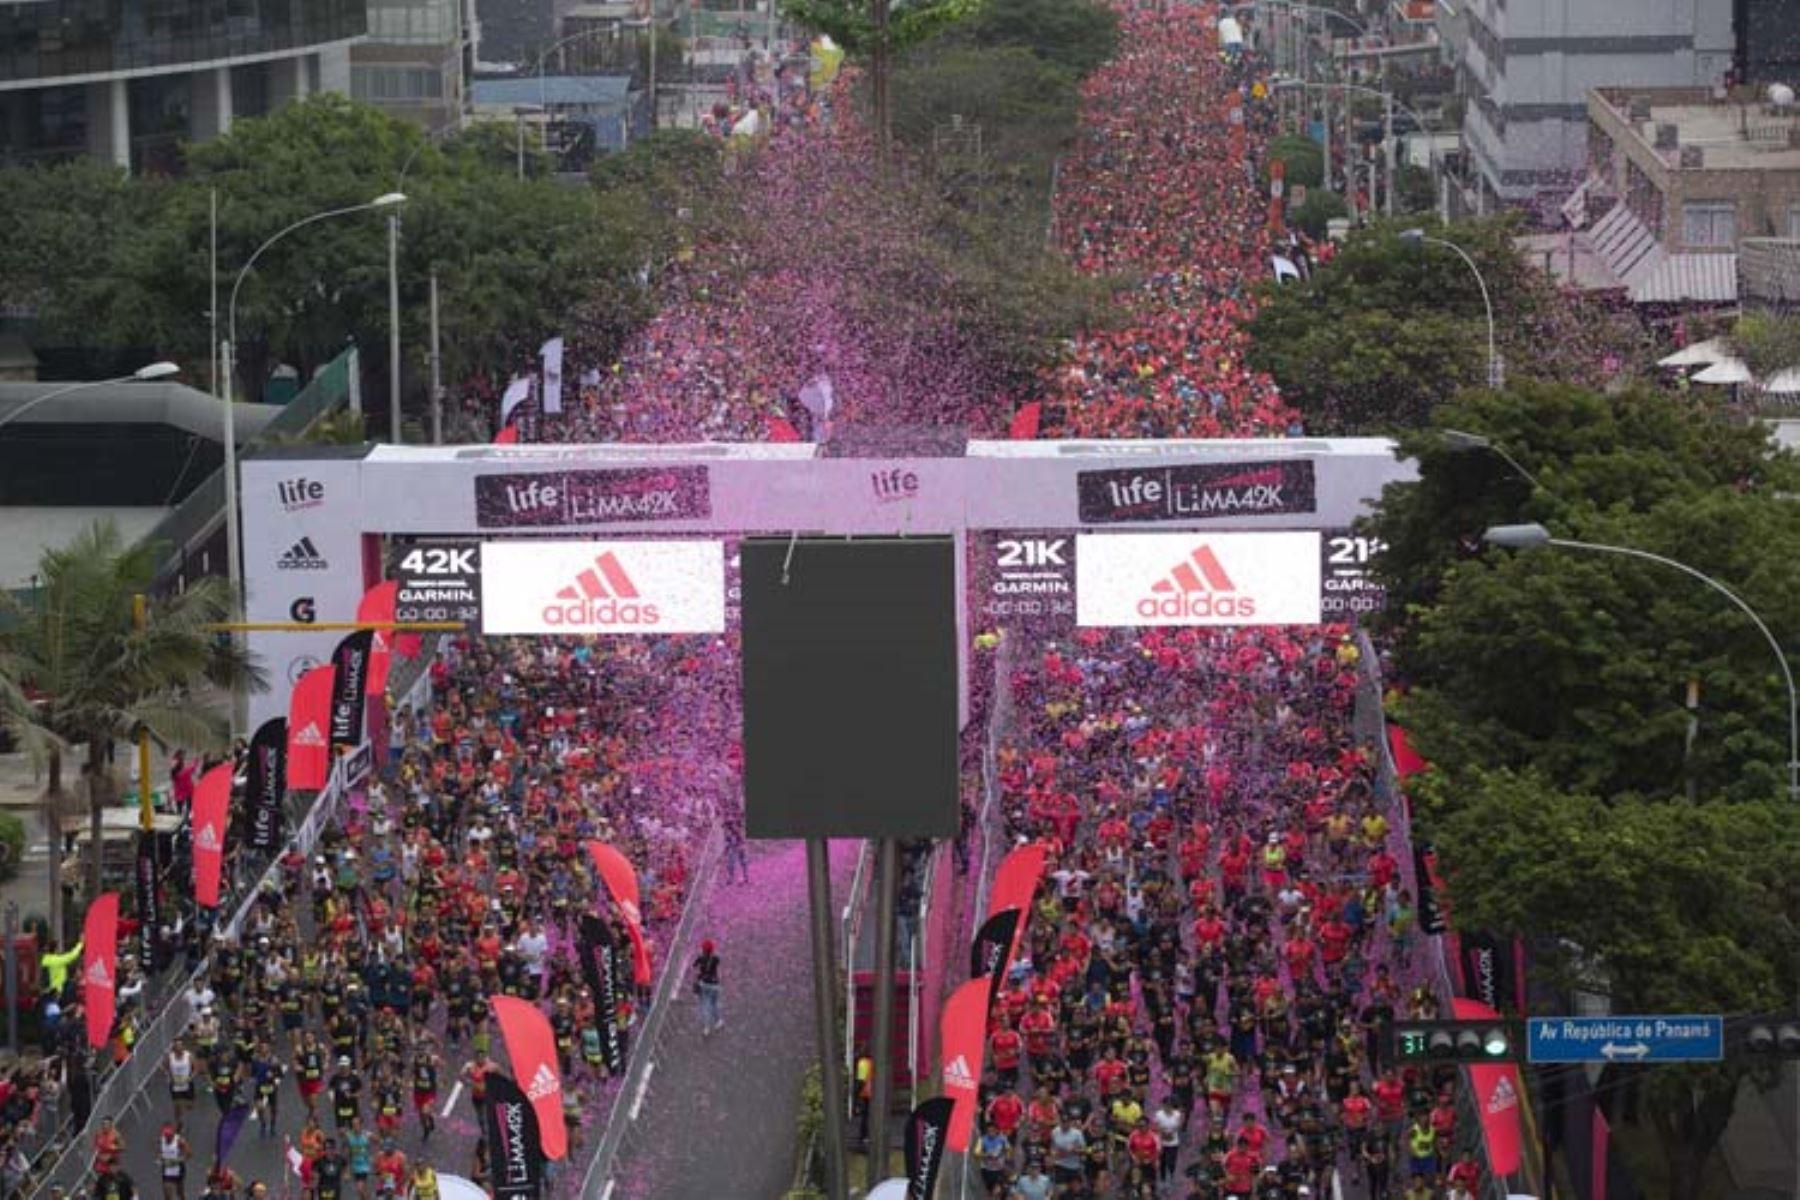 Imagen de la maratón Lima 42 K.